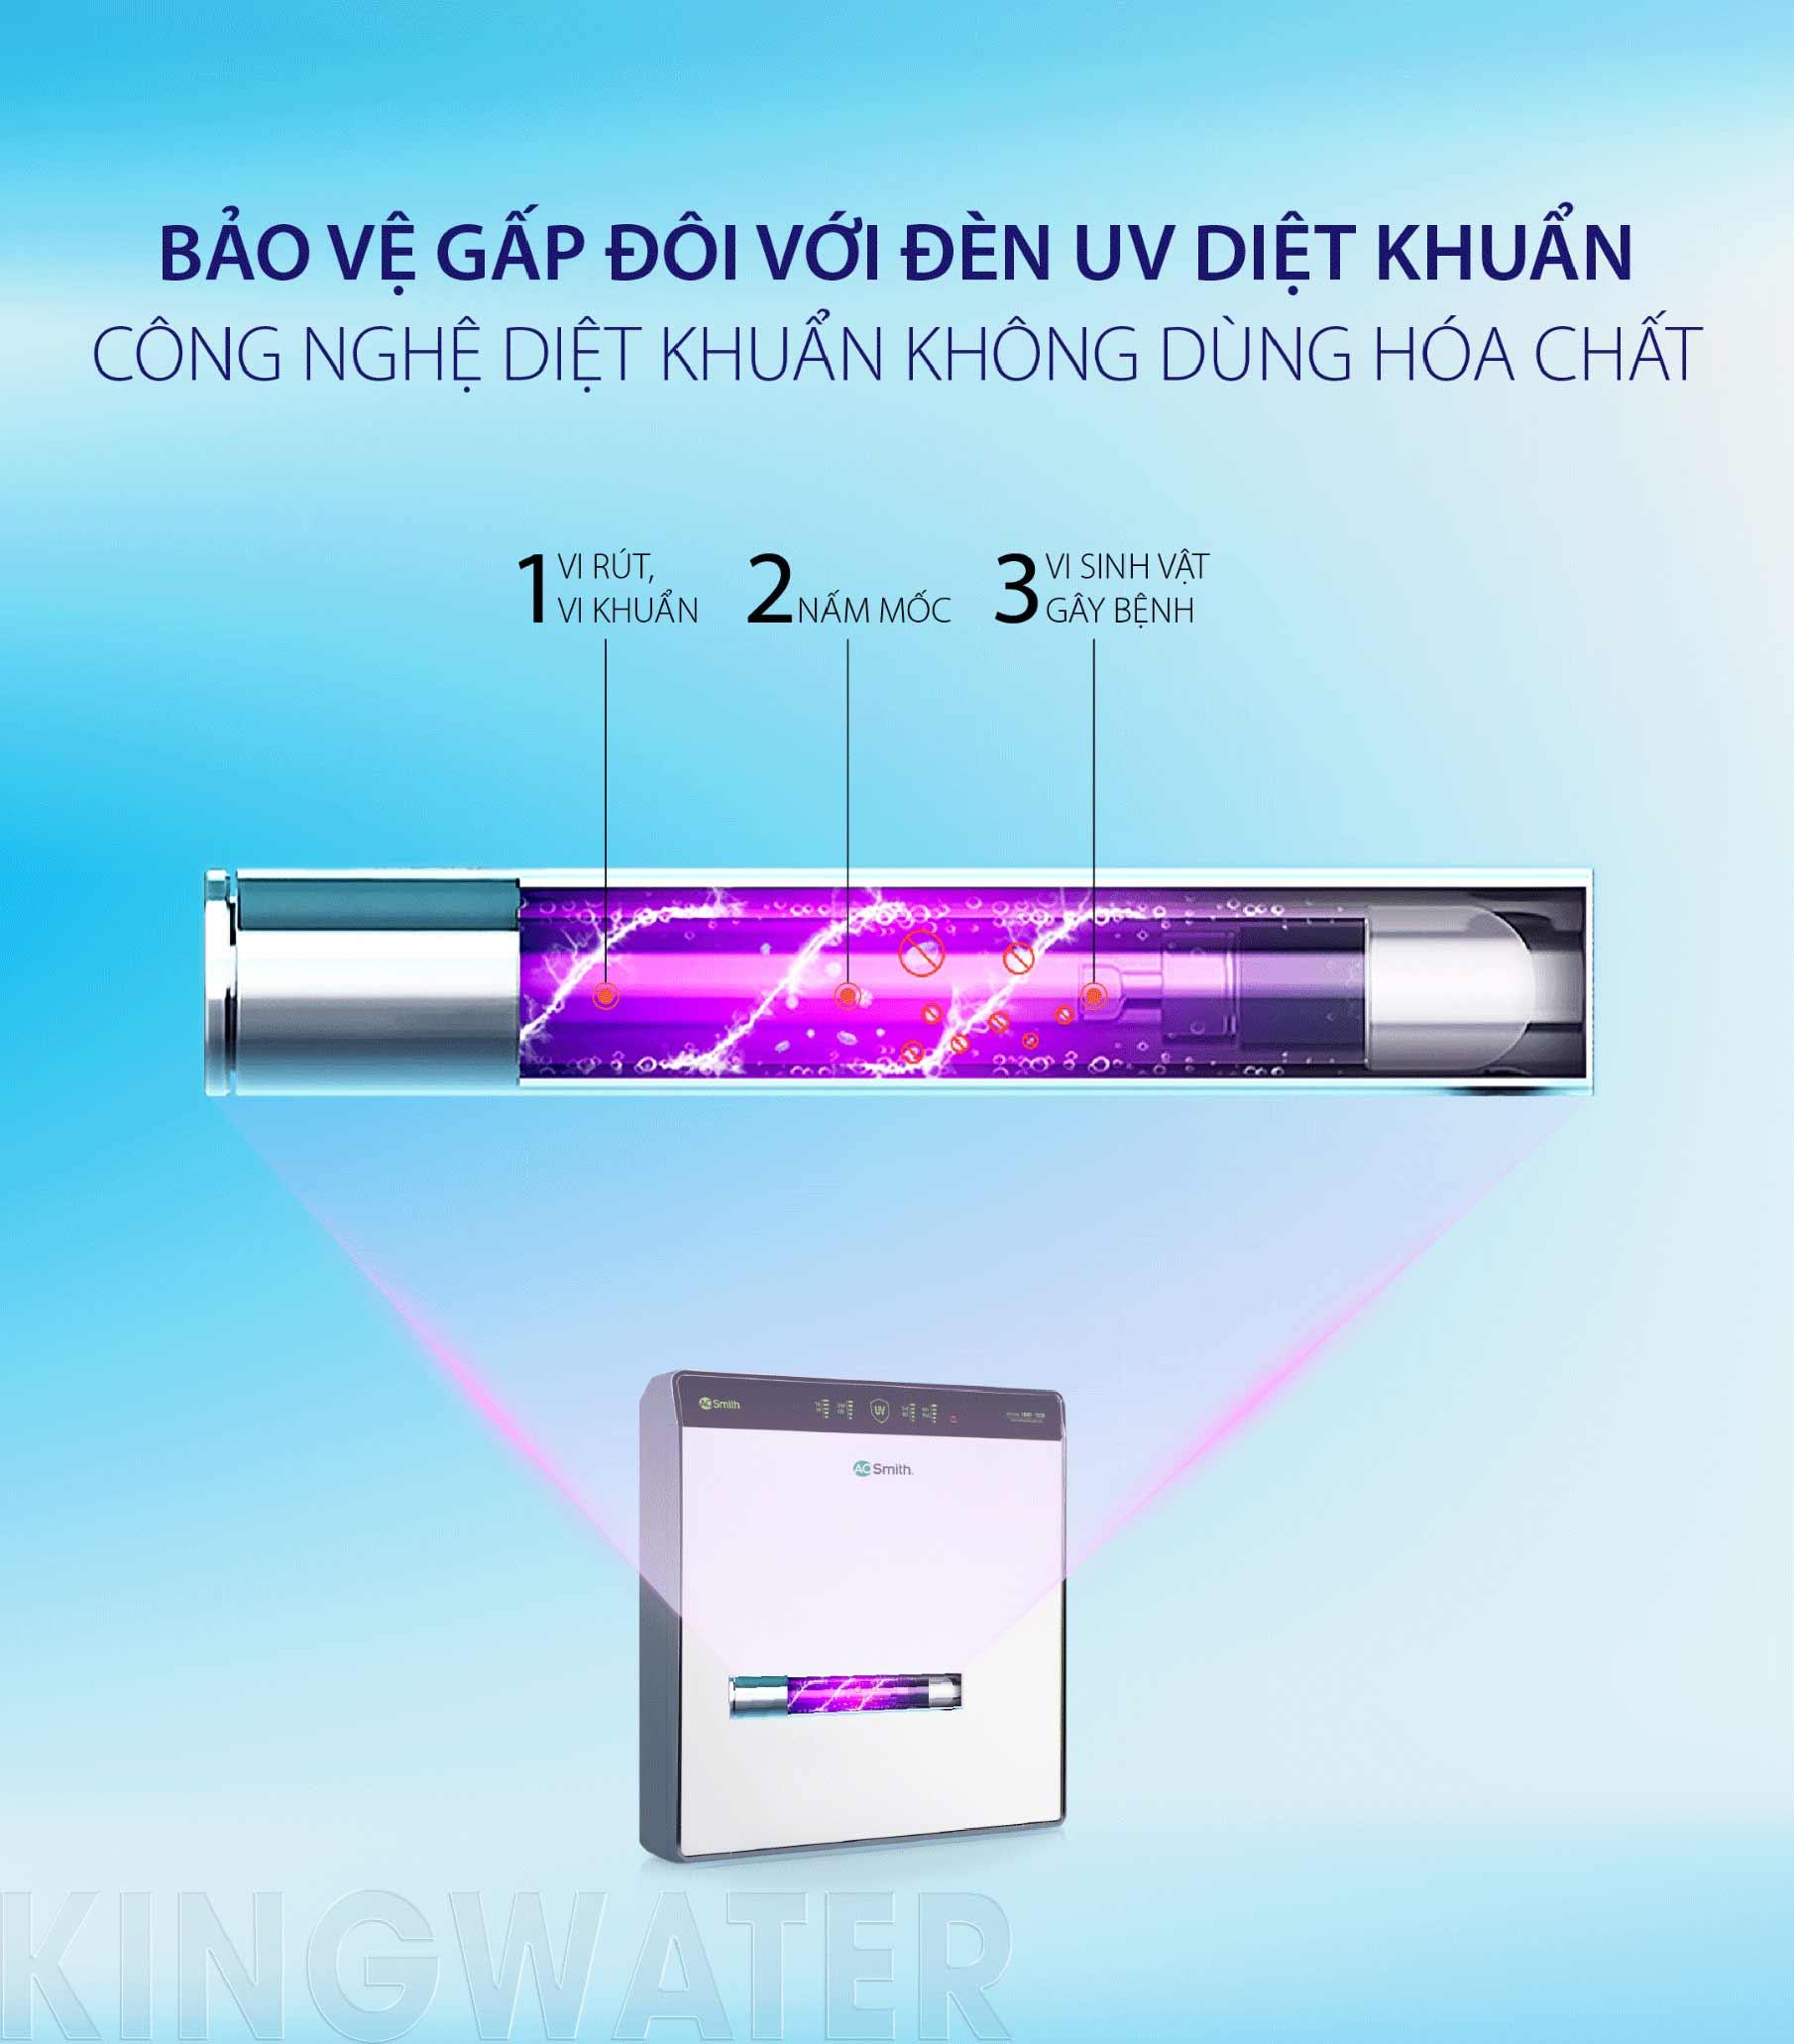 Máy lọc nước AO Smith U3 được bảo vệ gấp đôi với đèn UV diệt khuẩn